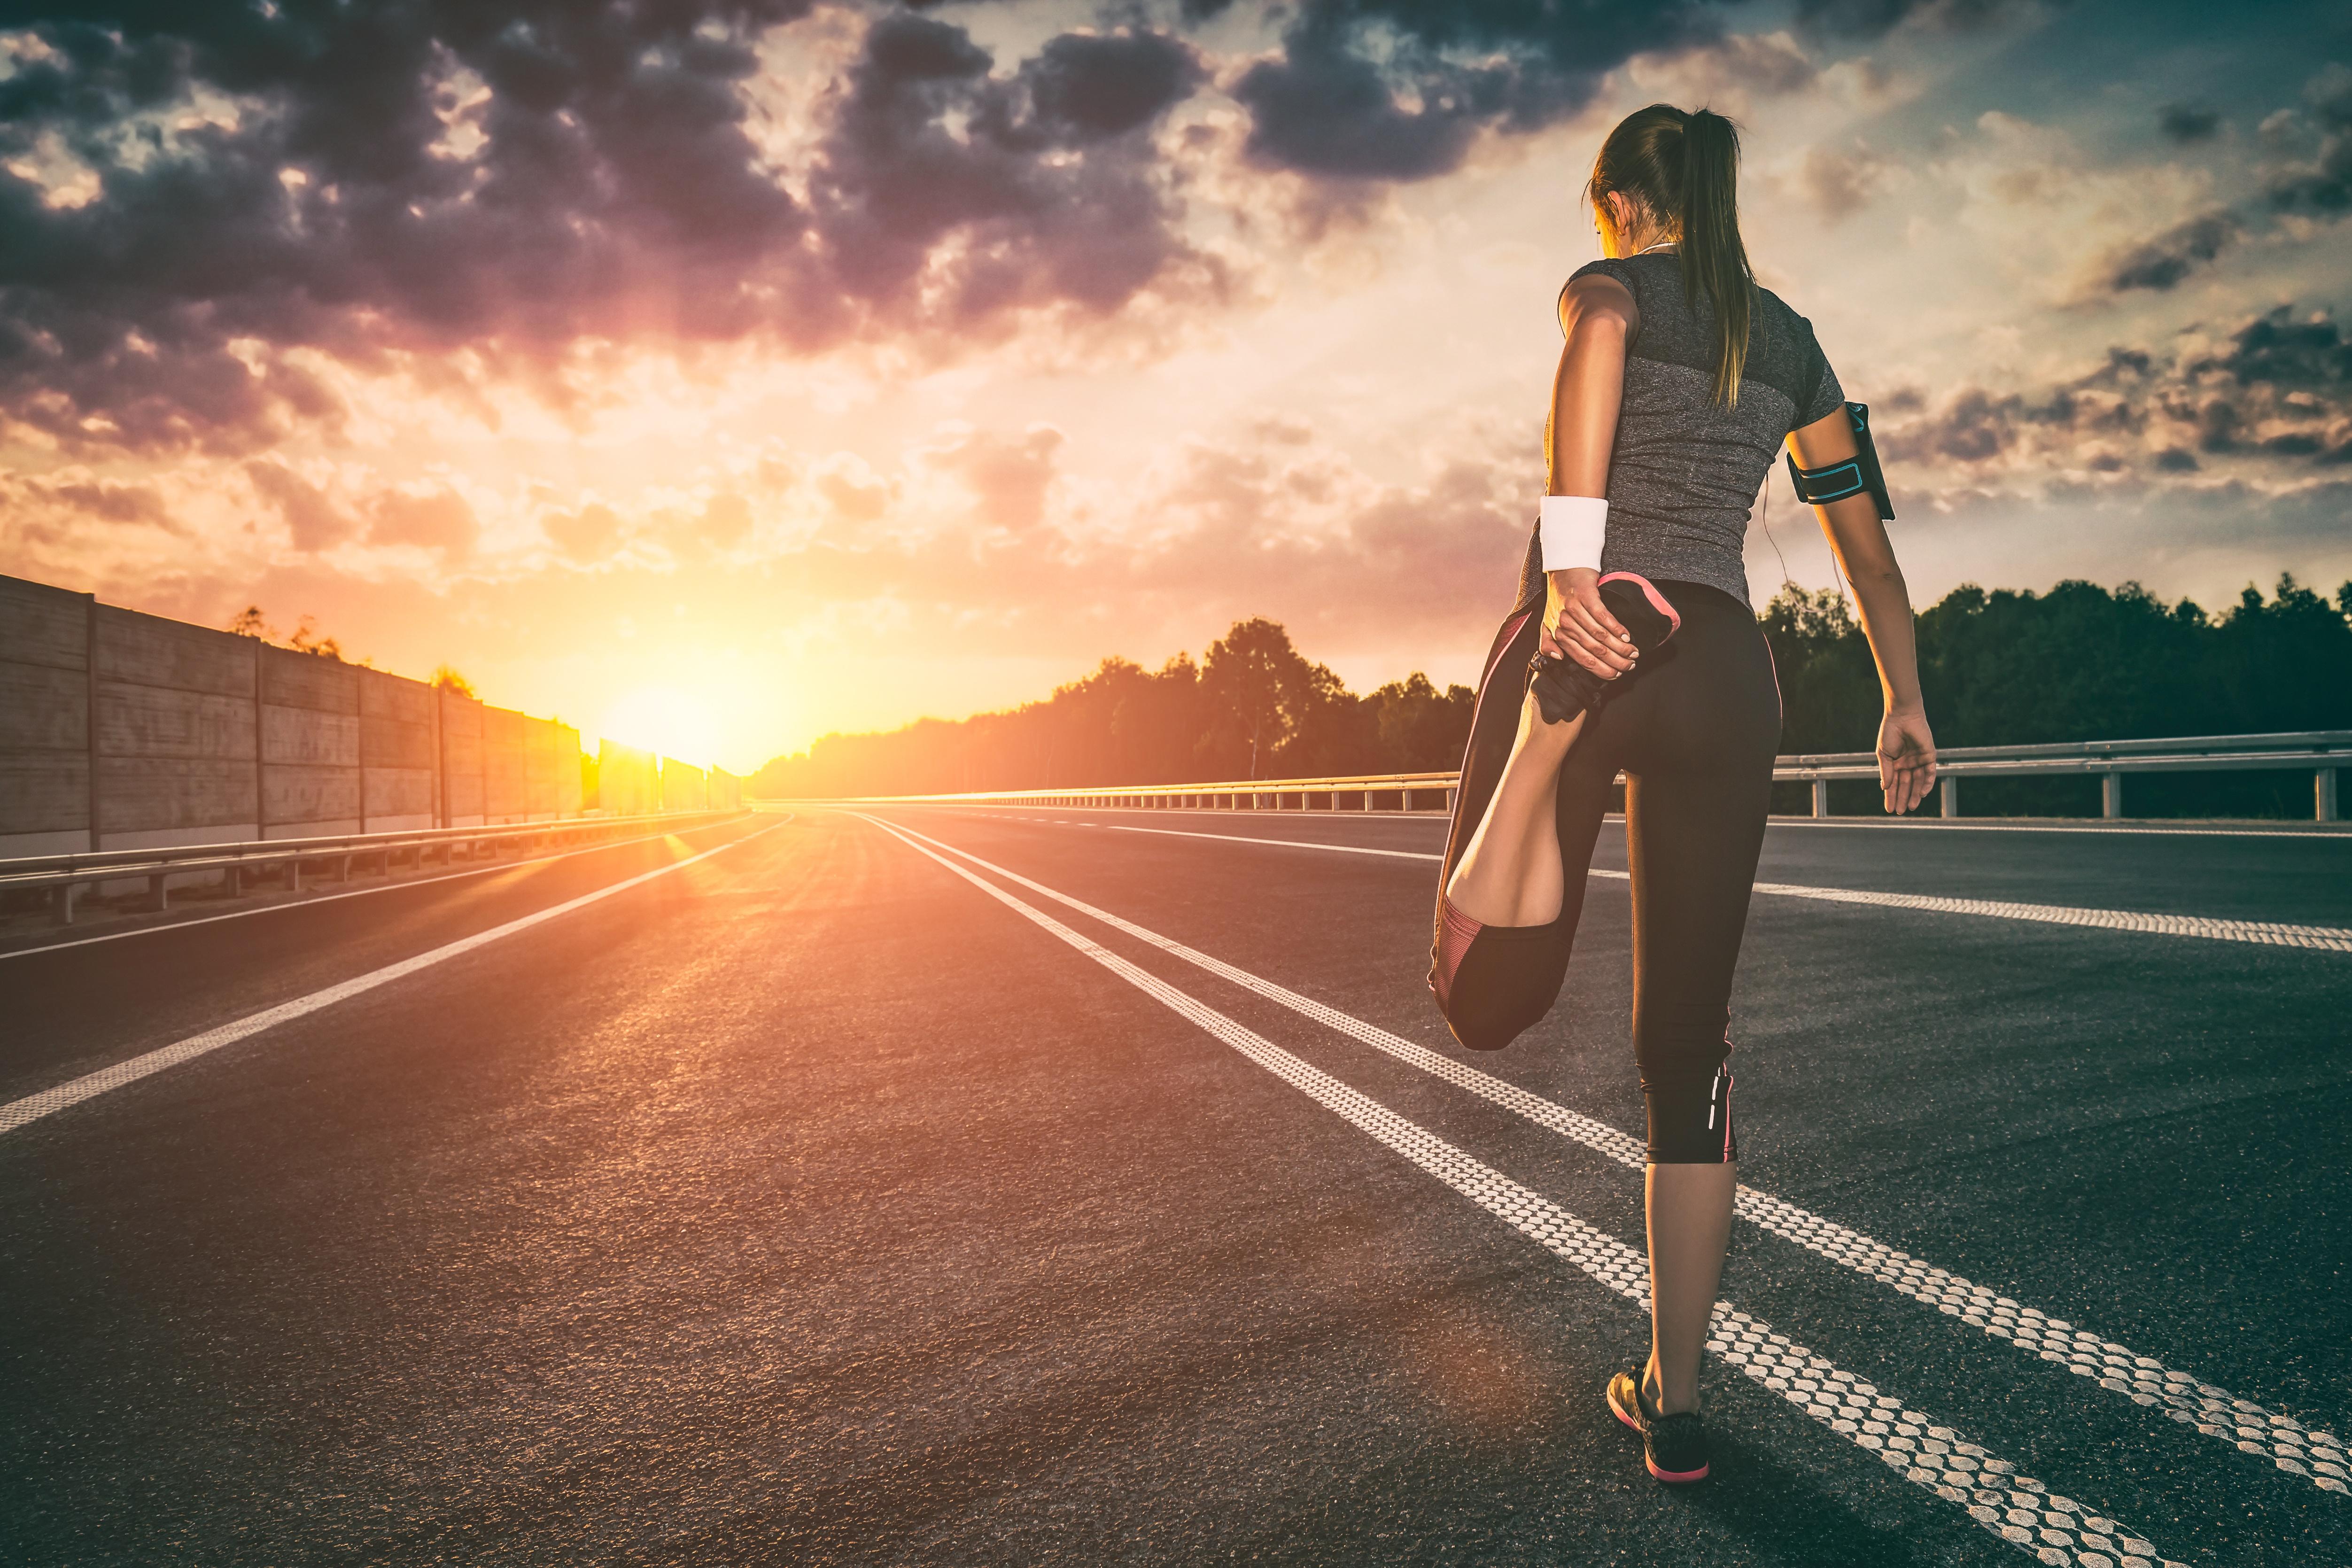 Runner preparing